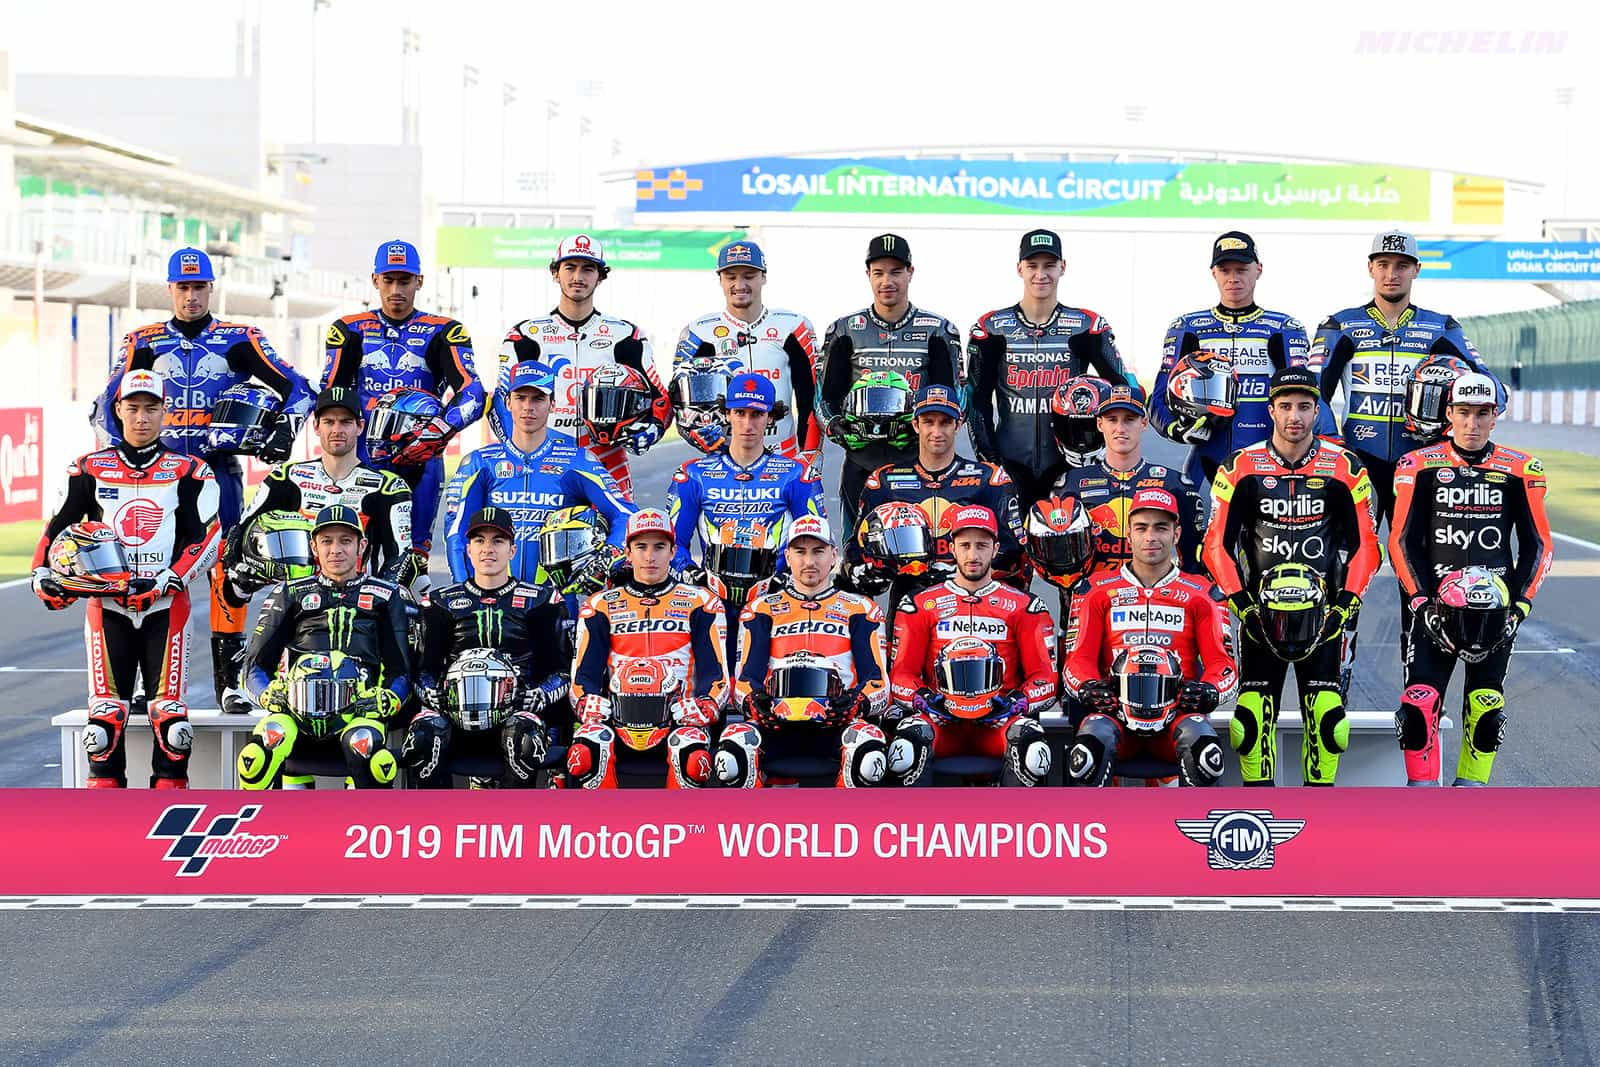 写真で振り返るMotoGP2019年シーズン 開幕戦カタールGP